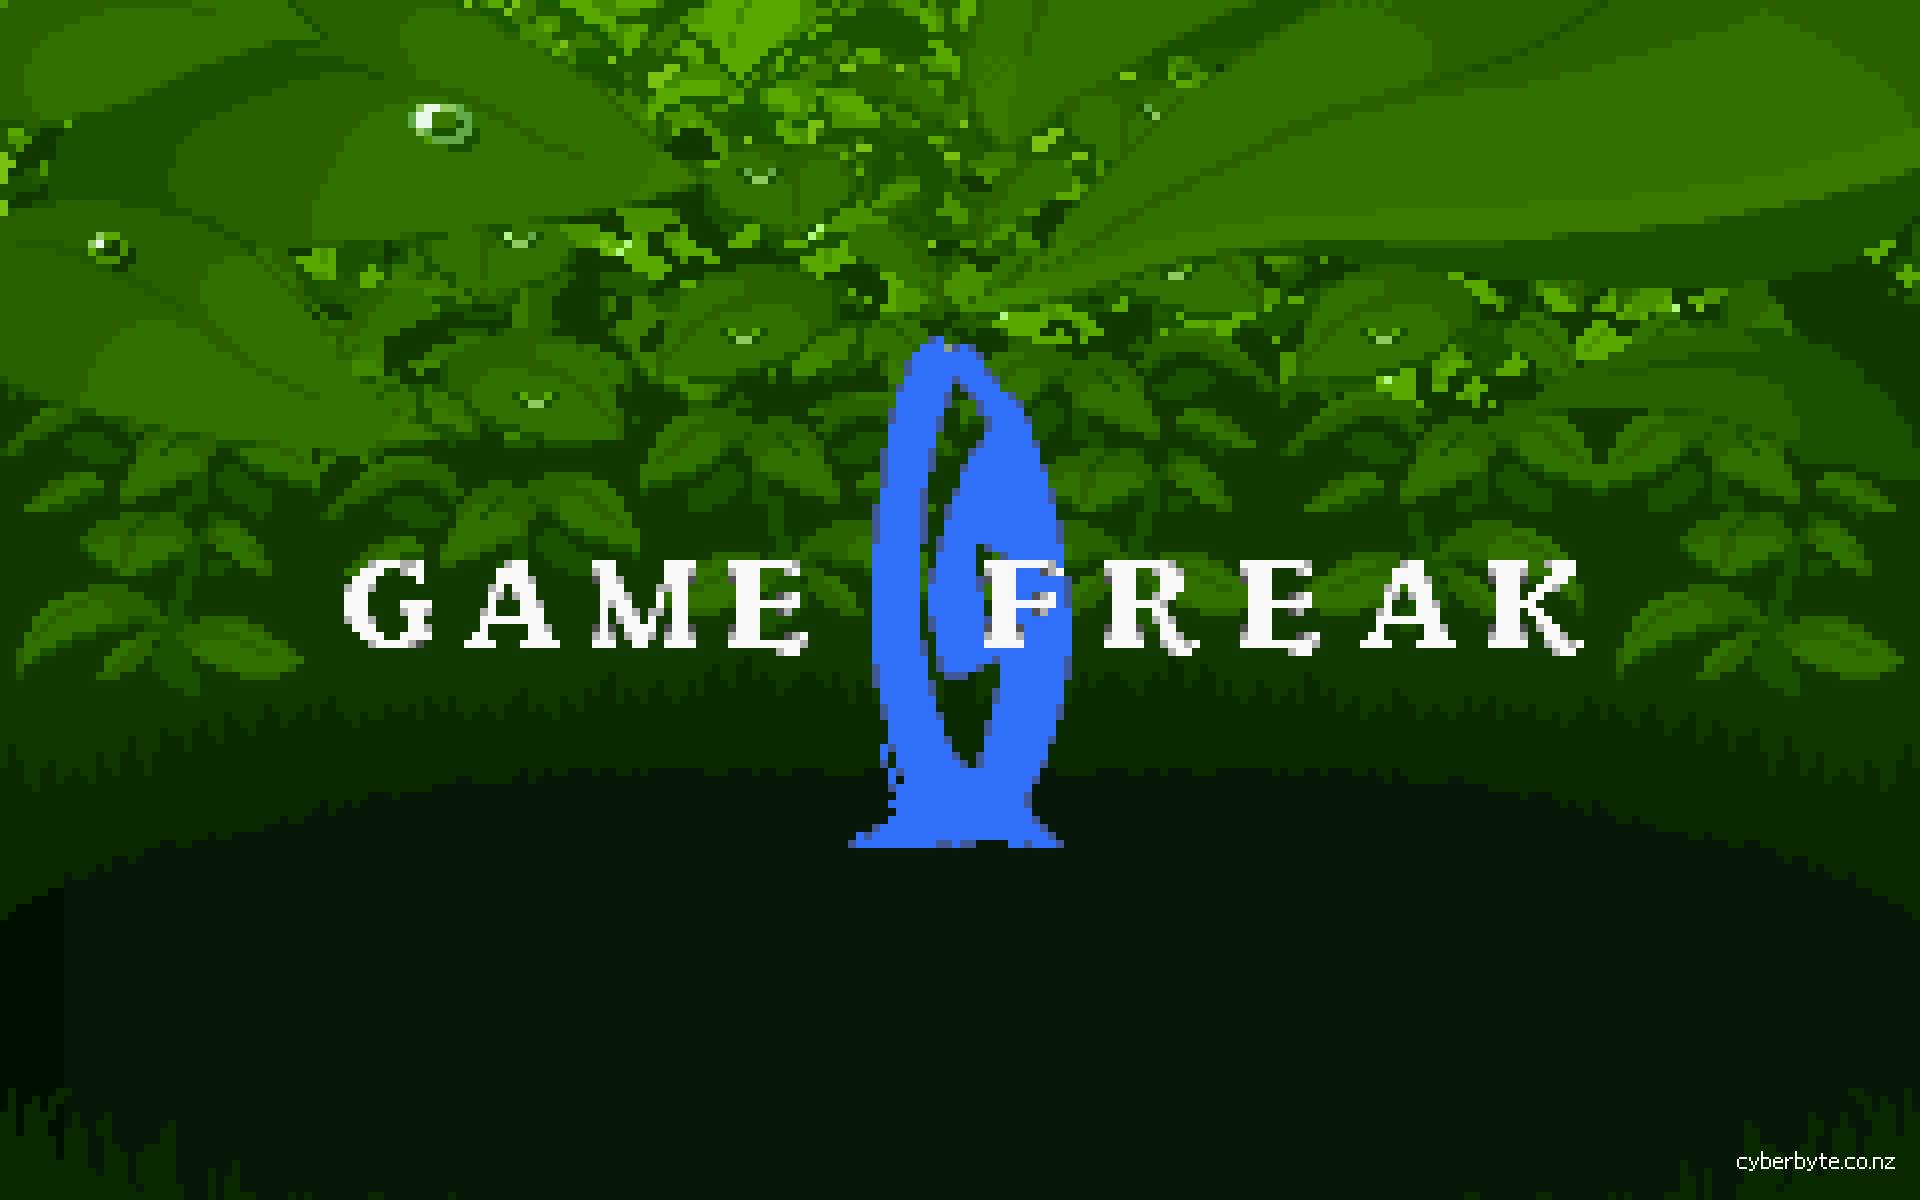 Game Freak Logo Wallpaper Emerald by cyberbyte13